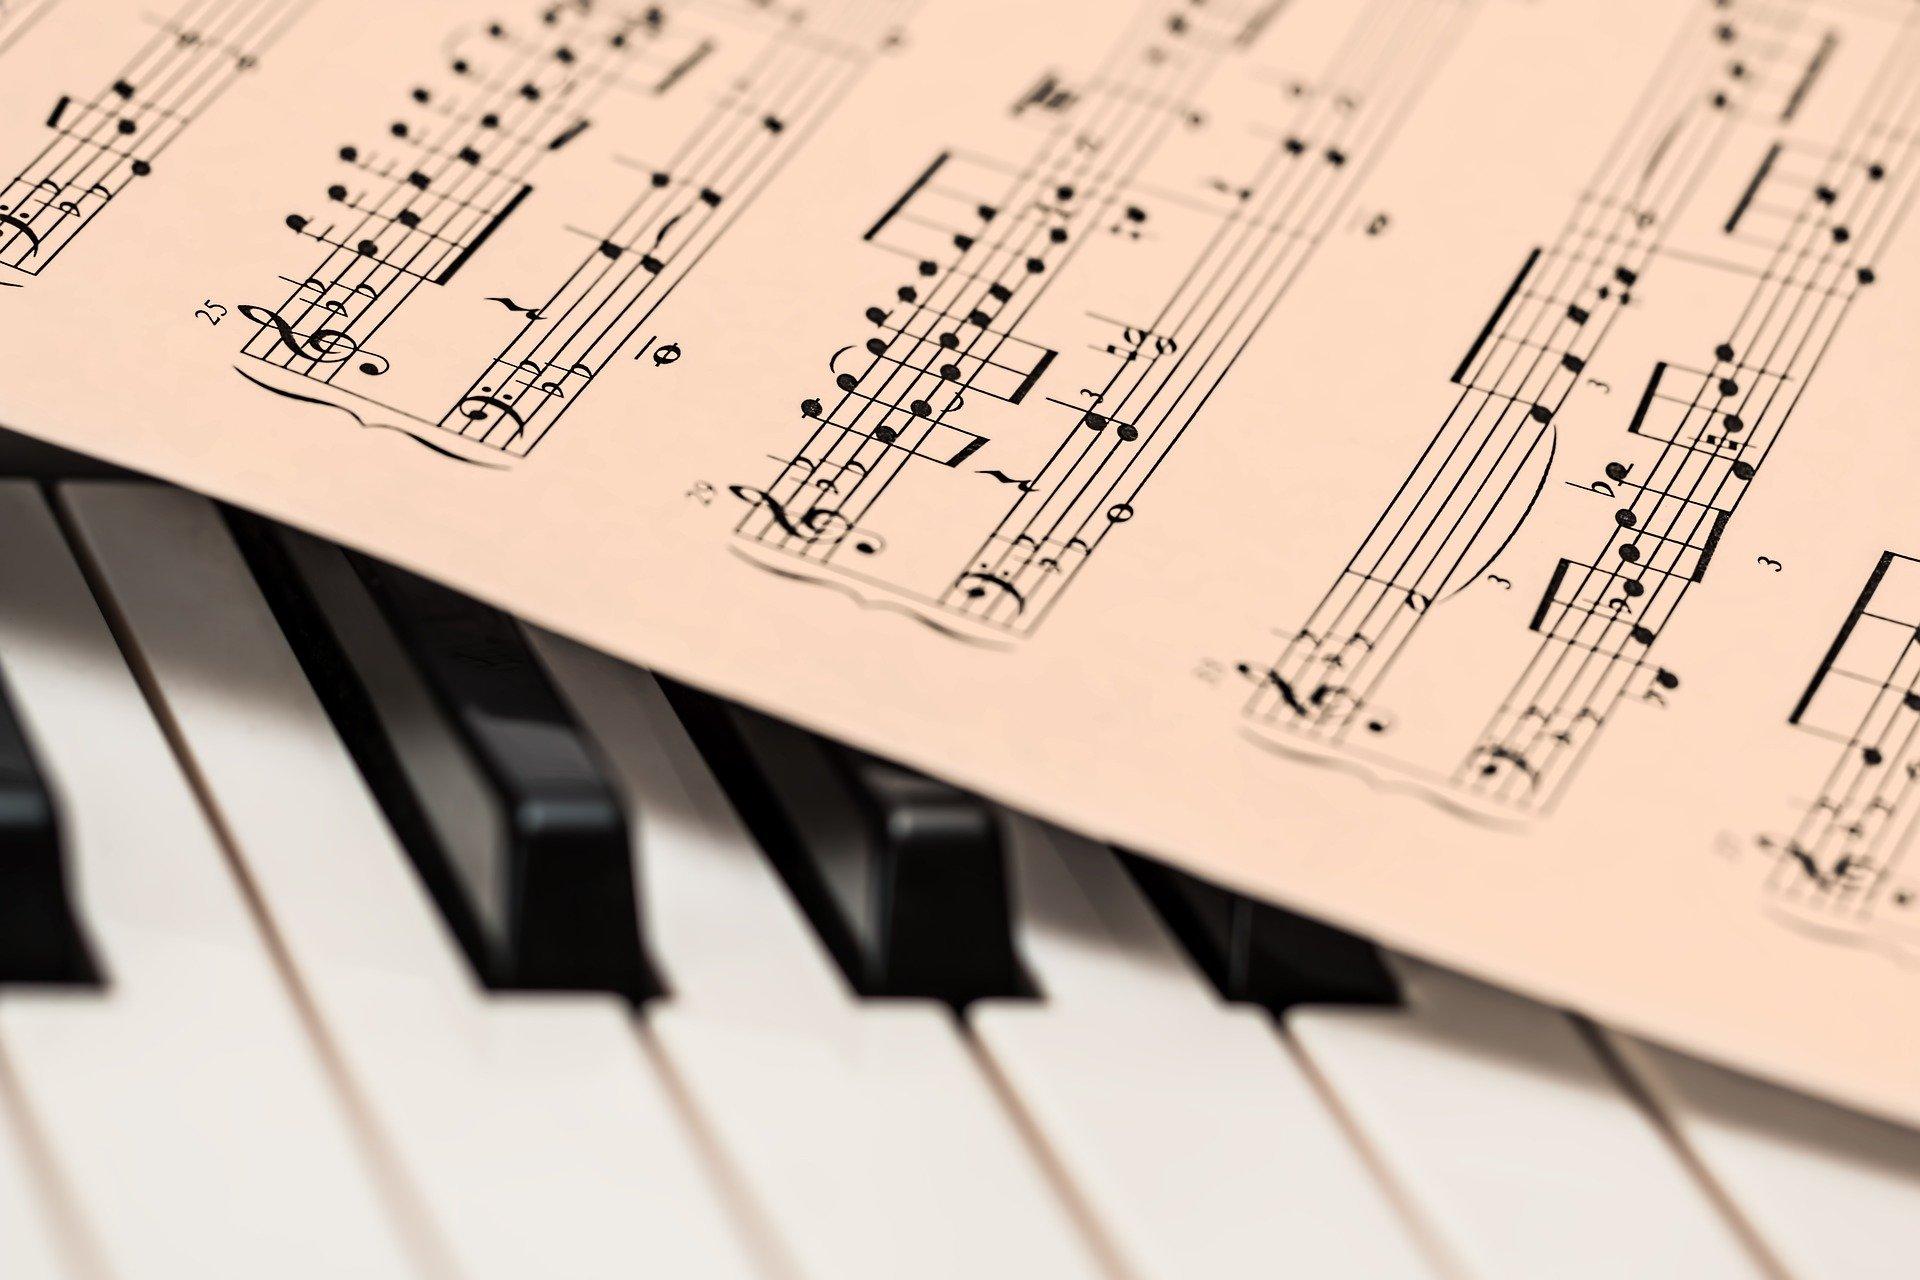 La musique est un excellent moyen d'apprendre à se reconnecter les sons.